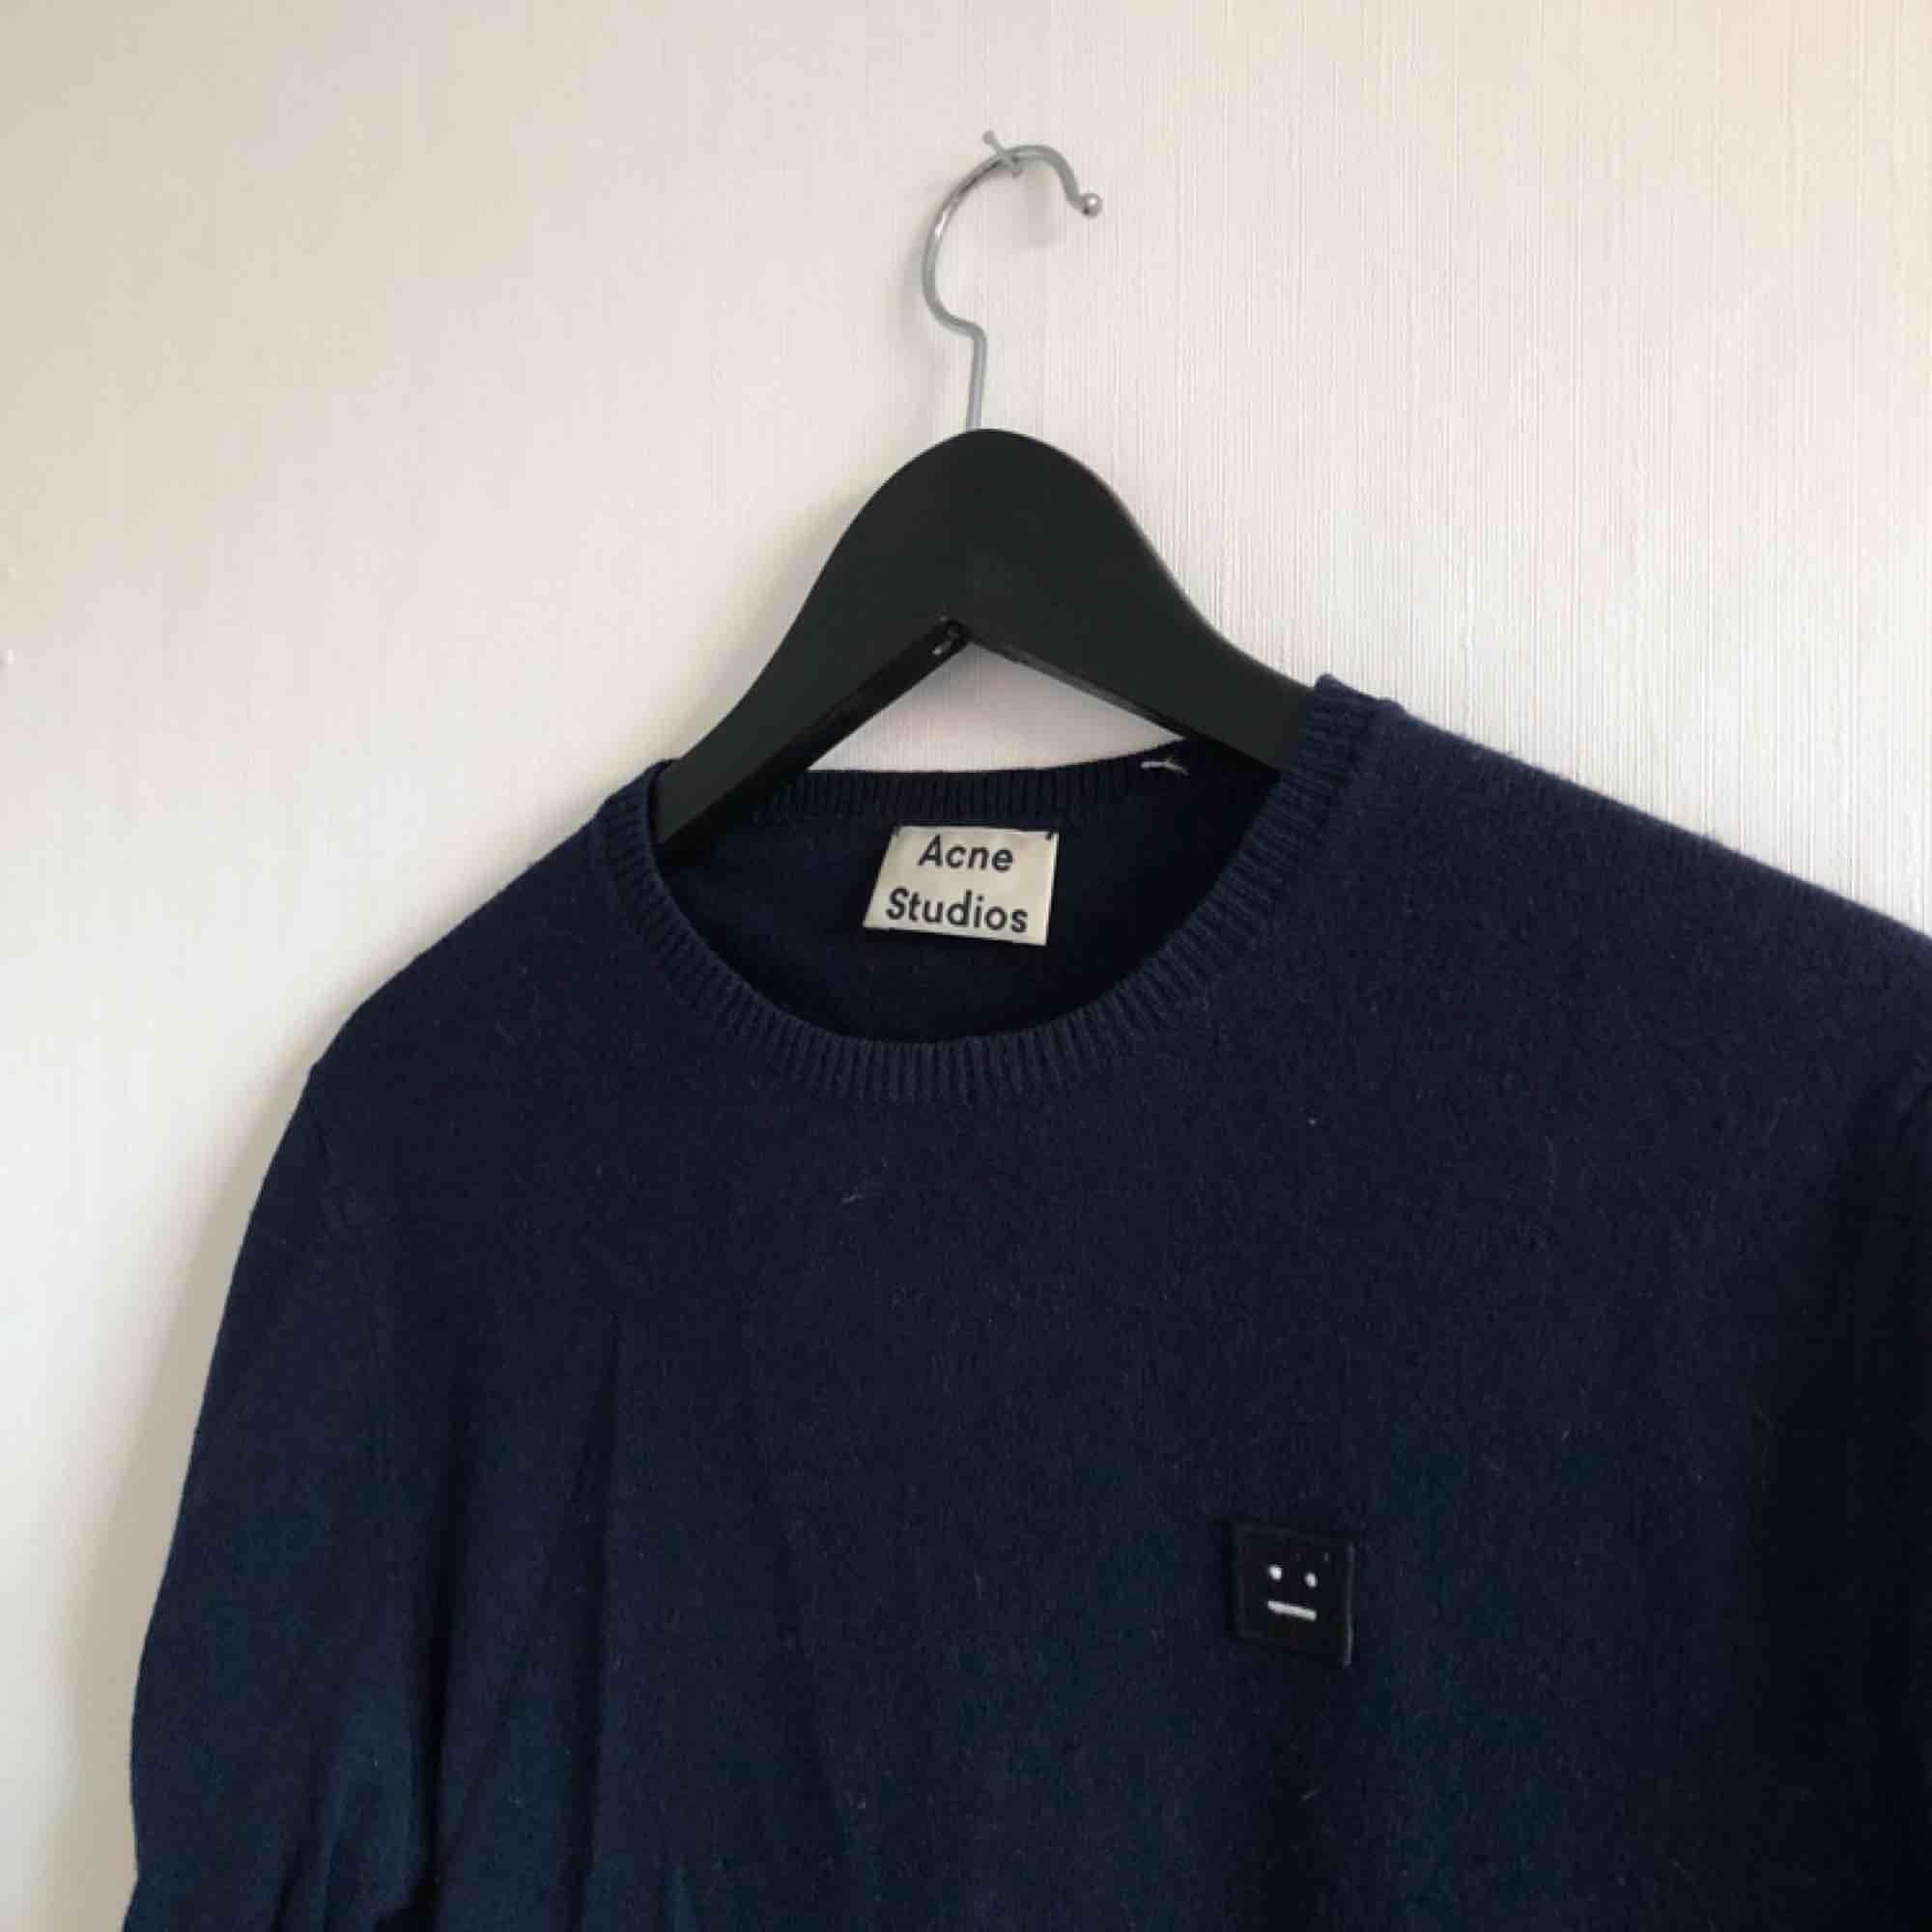 - modell DASHER O FACE NAVY - strl S, passar herr och dam - 100% ull - använd ytterst lite, inte nopprig eller sliten - stickad tröja / långärmad / sweaters / knitwear - mörk blå. Stickat.